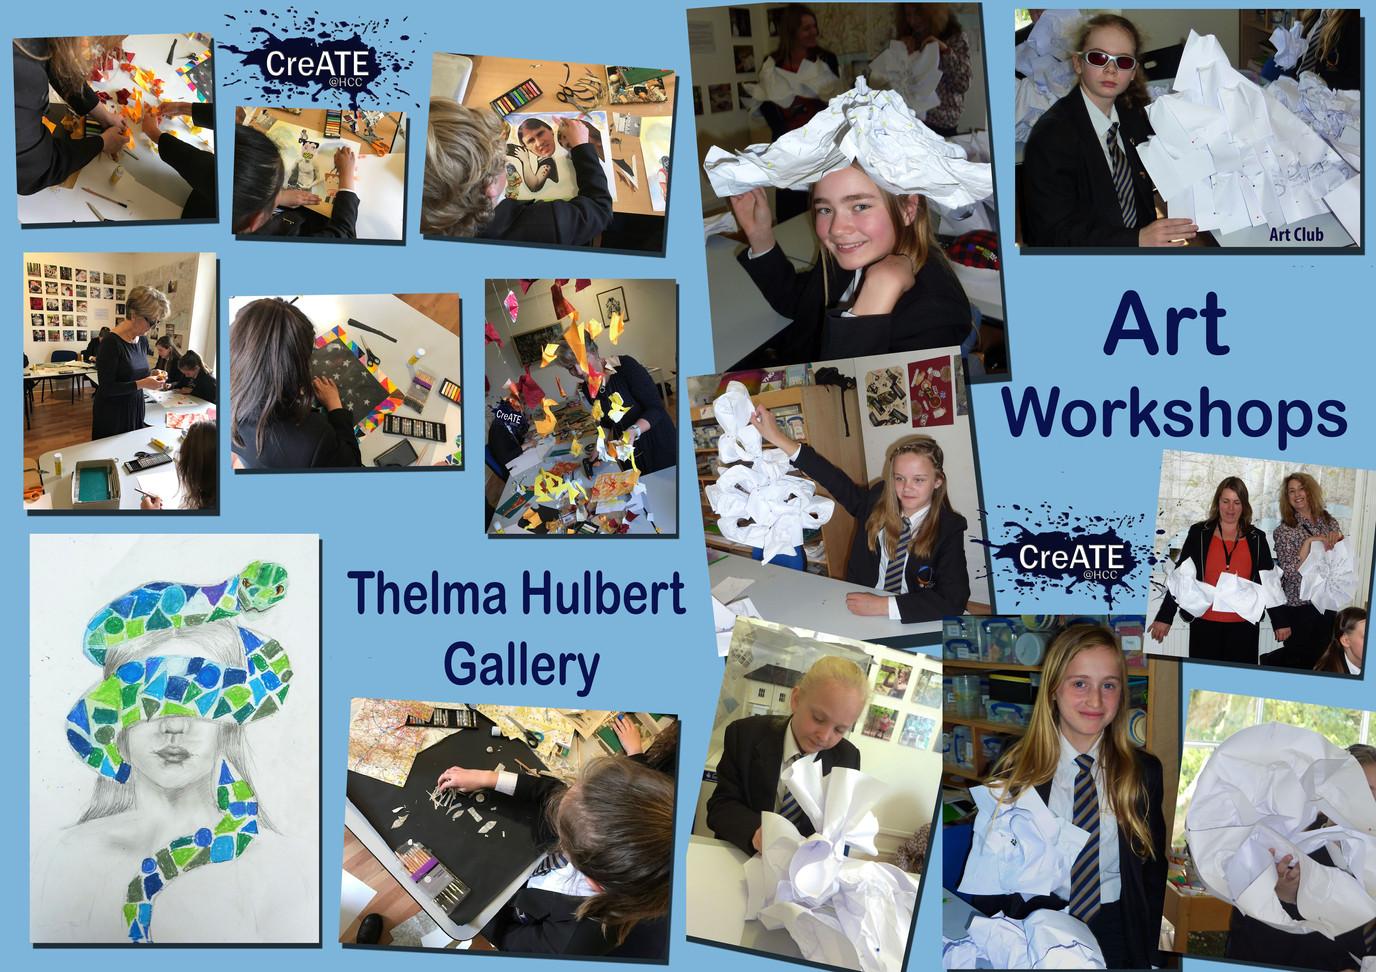 THG Workshop